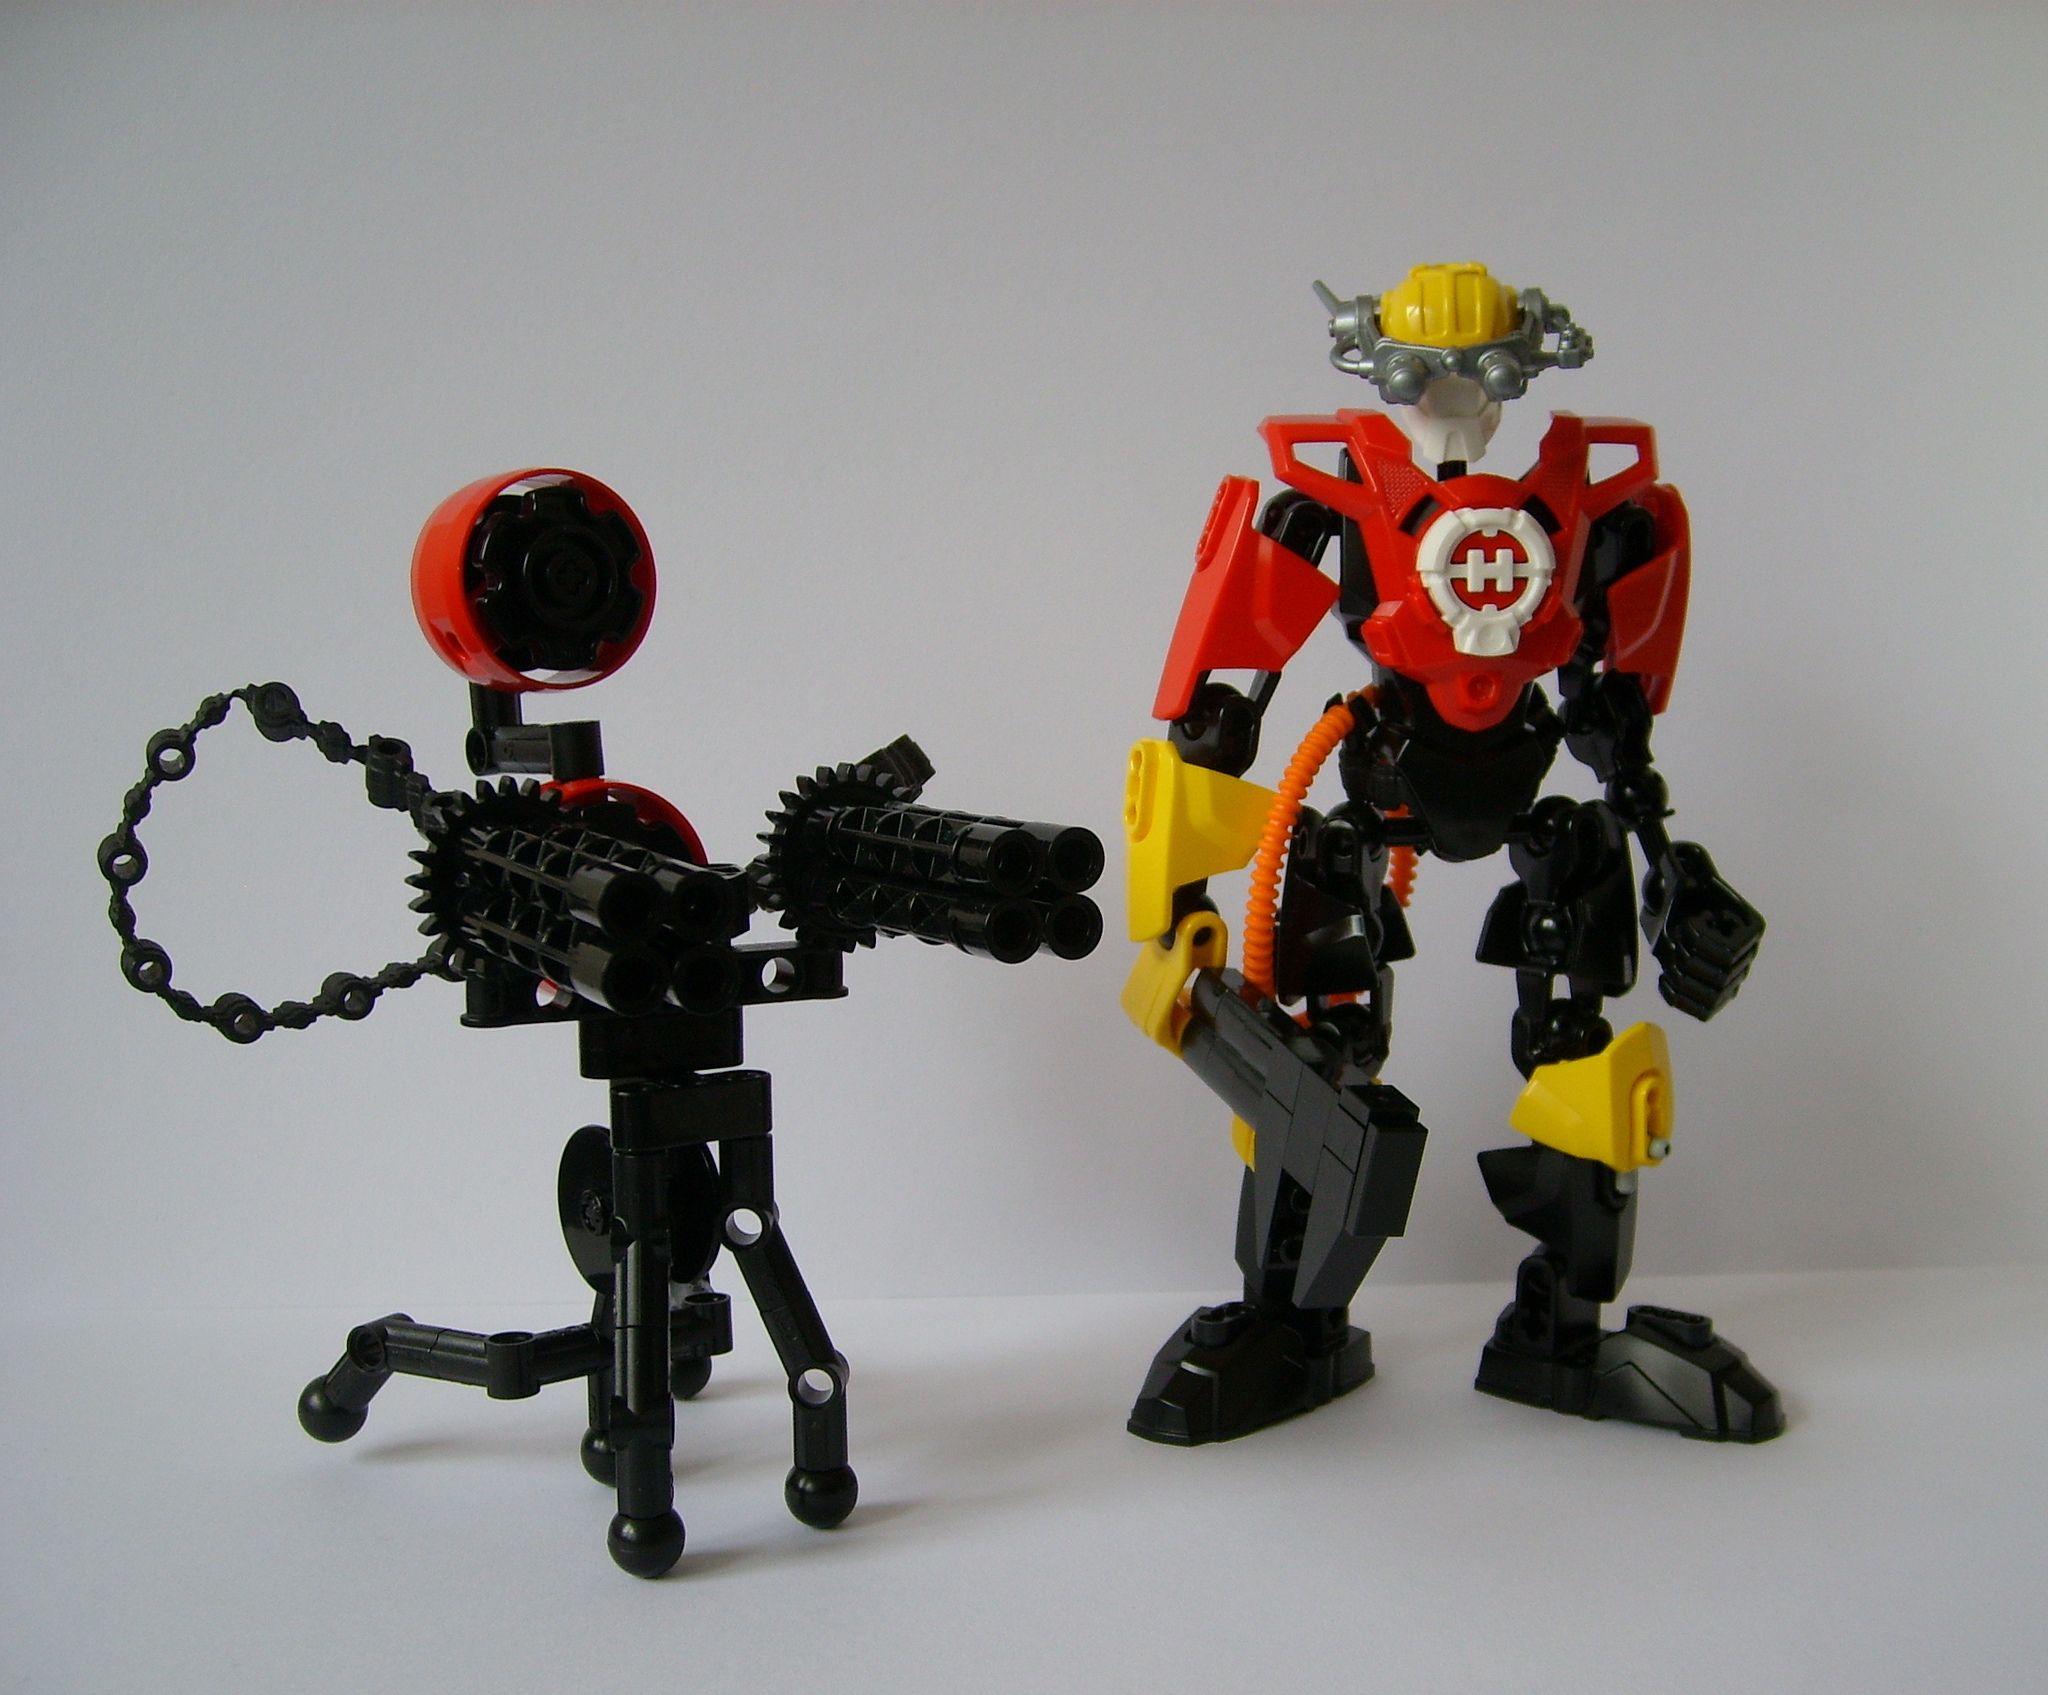 Engineer | Lego - mecha - robot - suit | Lego tf2, Lego